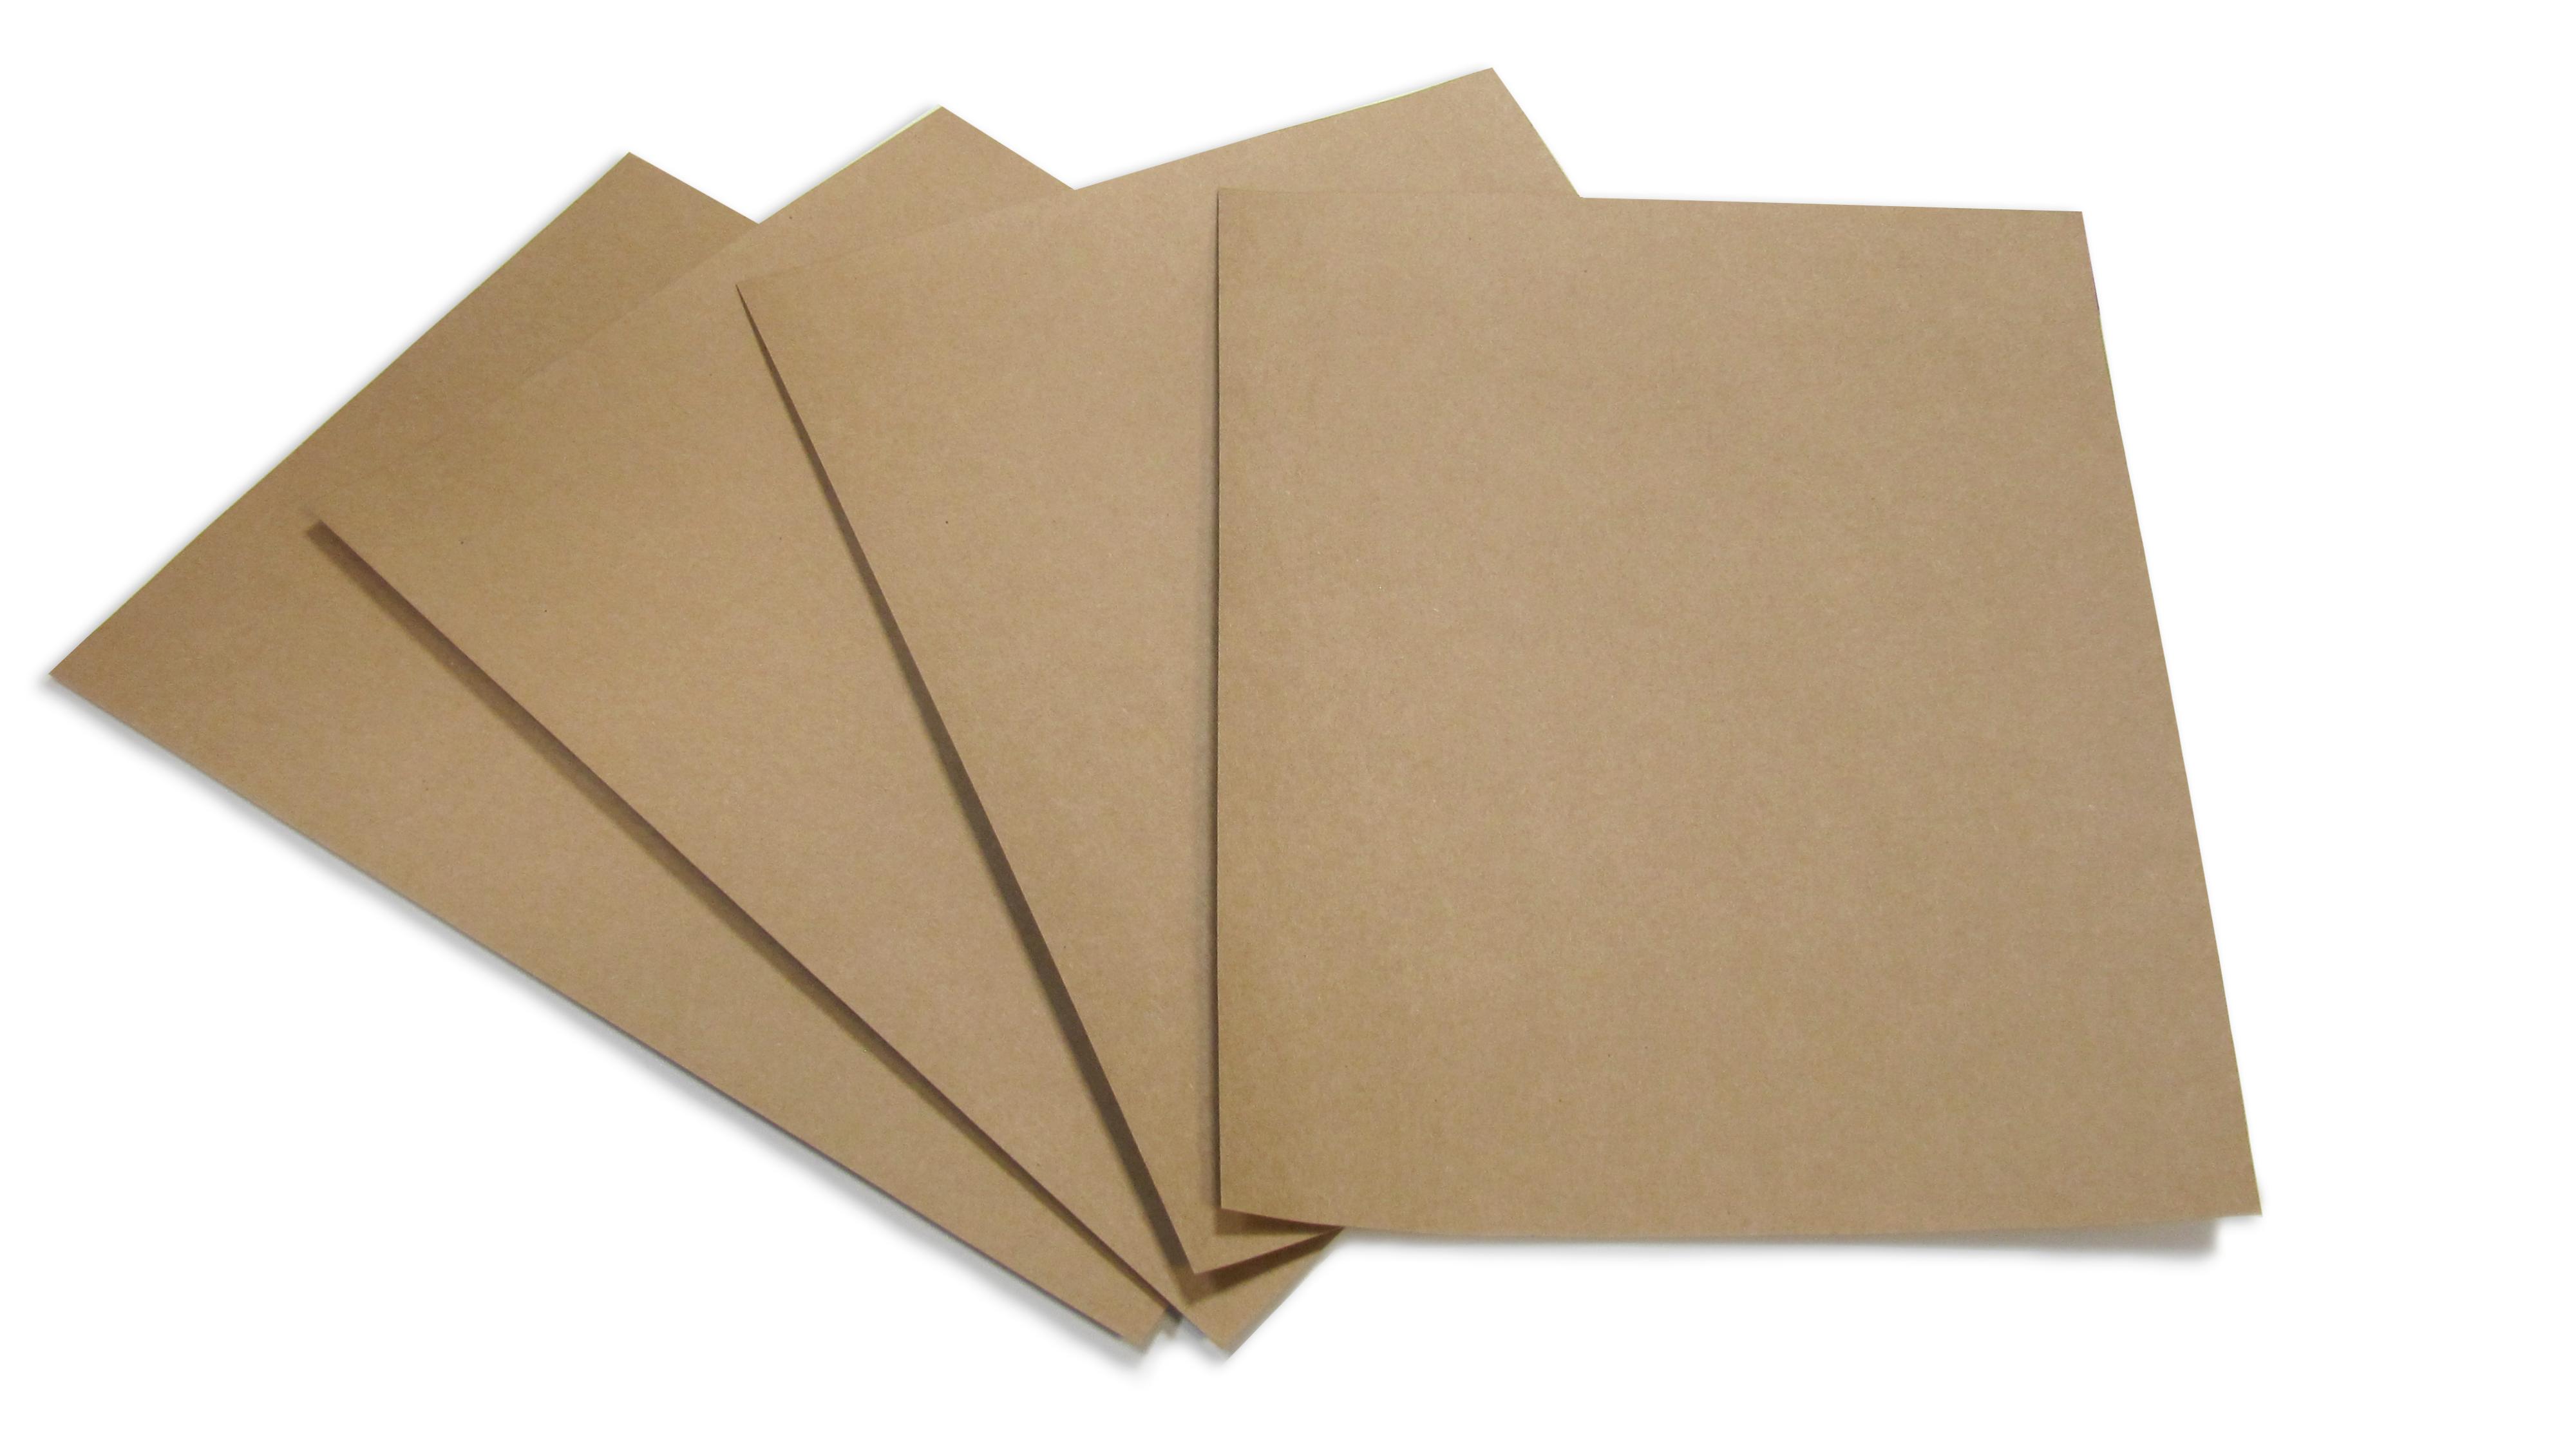 Clairefontaine Pollen Umschlag C6 Kraftpapier 135g/m² Kartonbraun 20 Stück